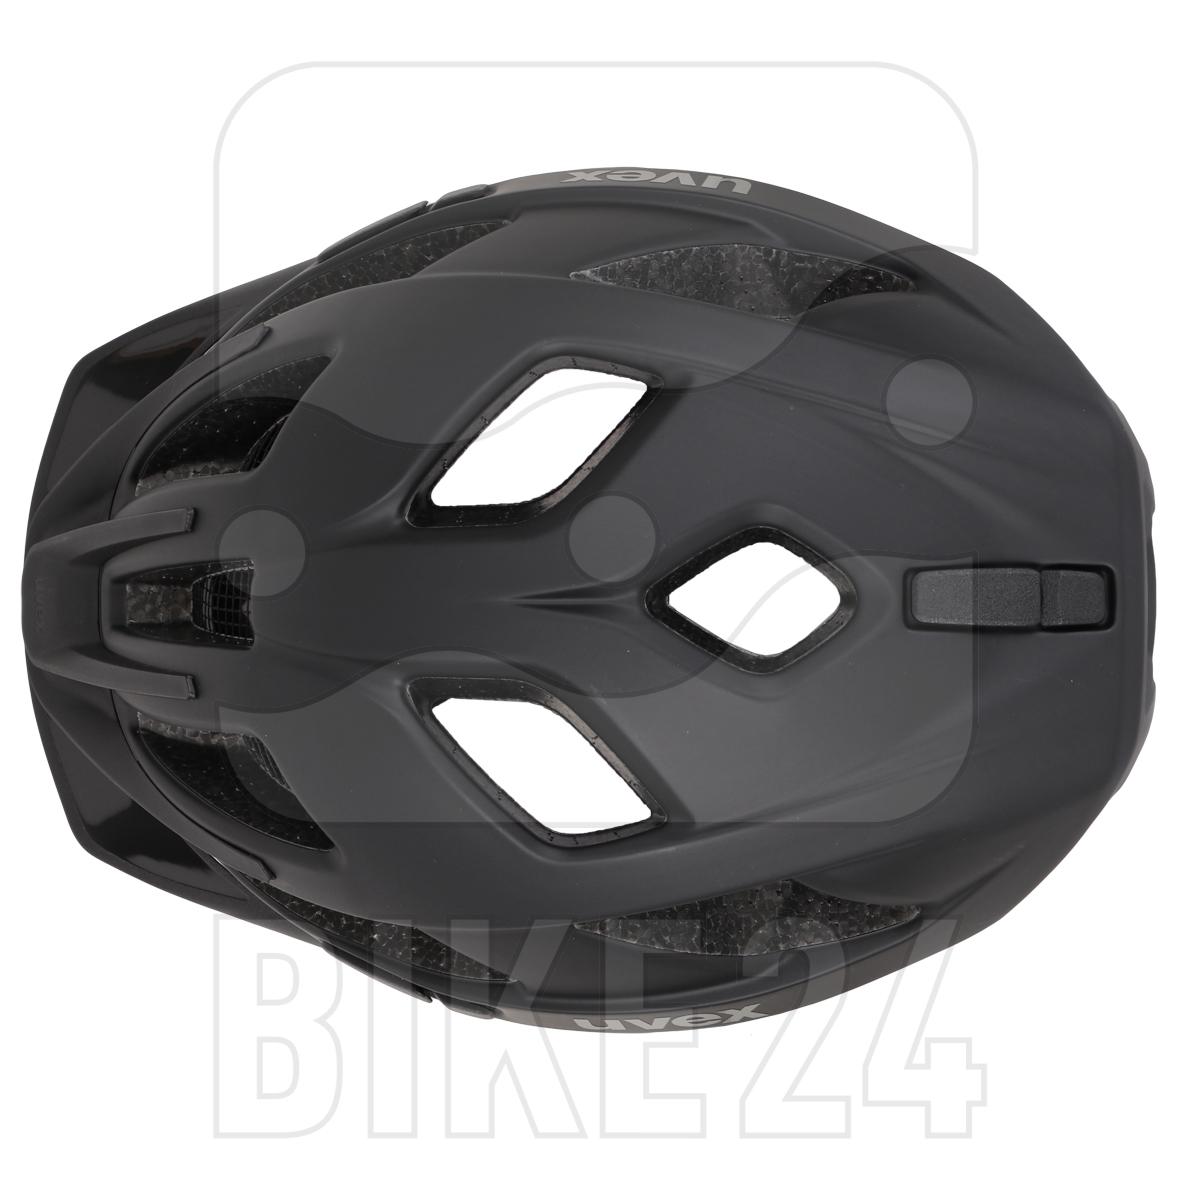 Bild von Uvex touring cc Helm - black mat